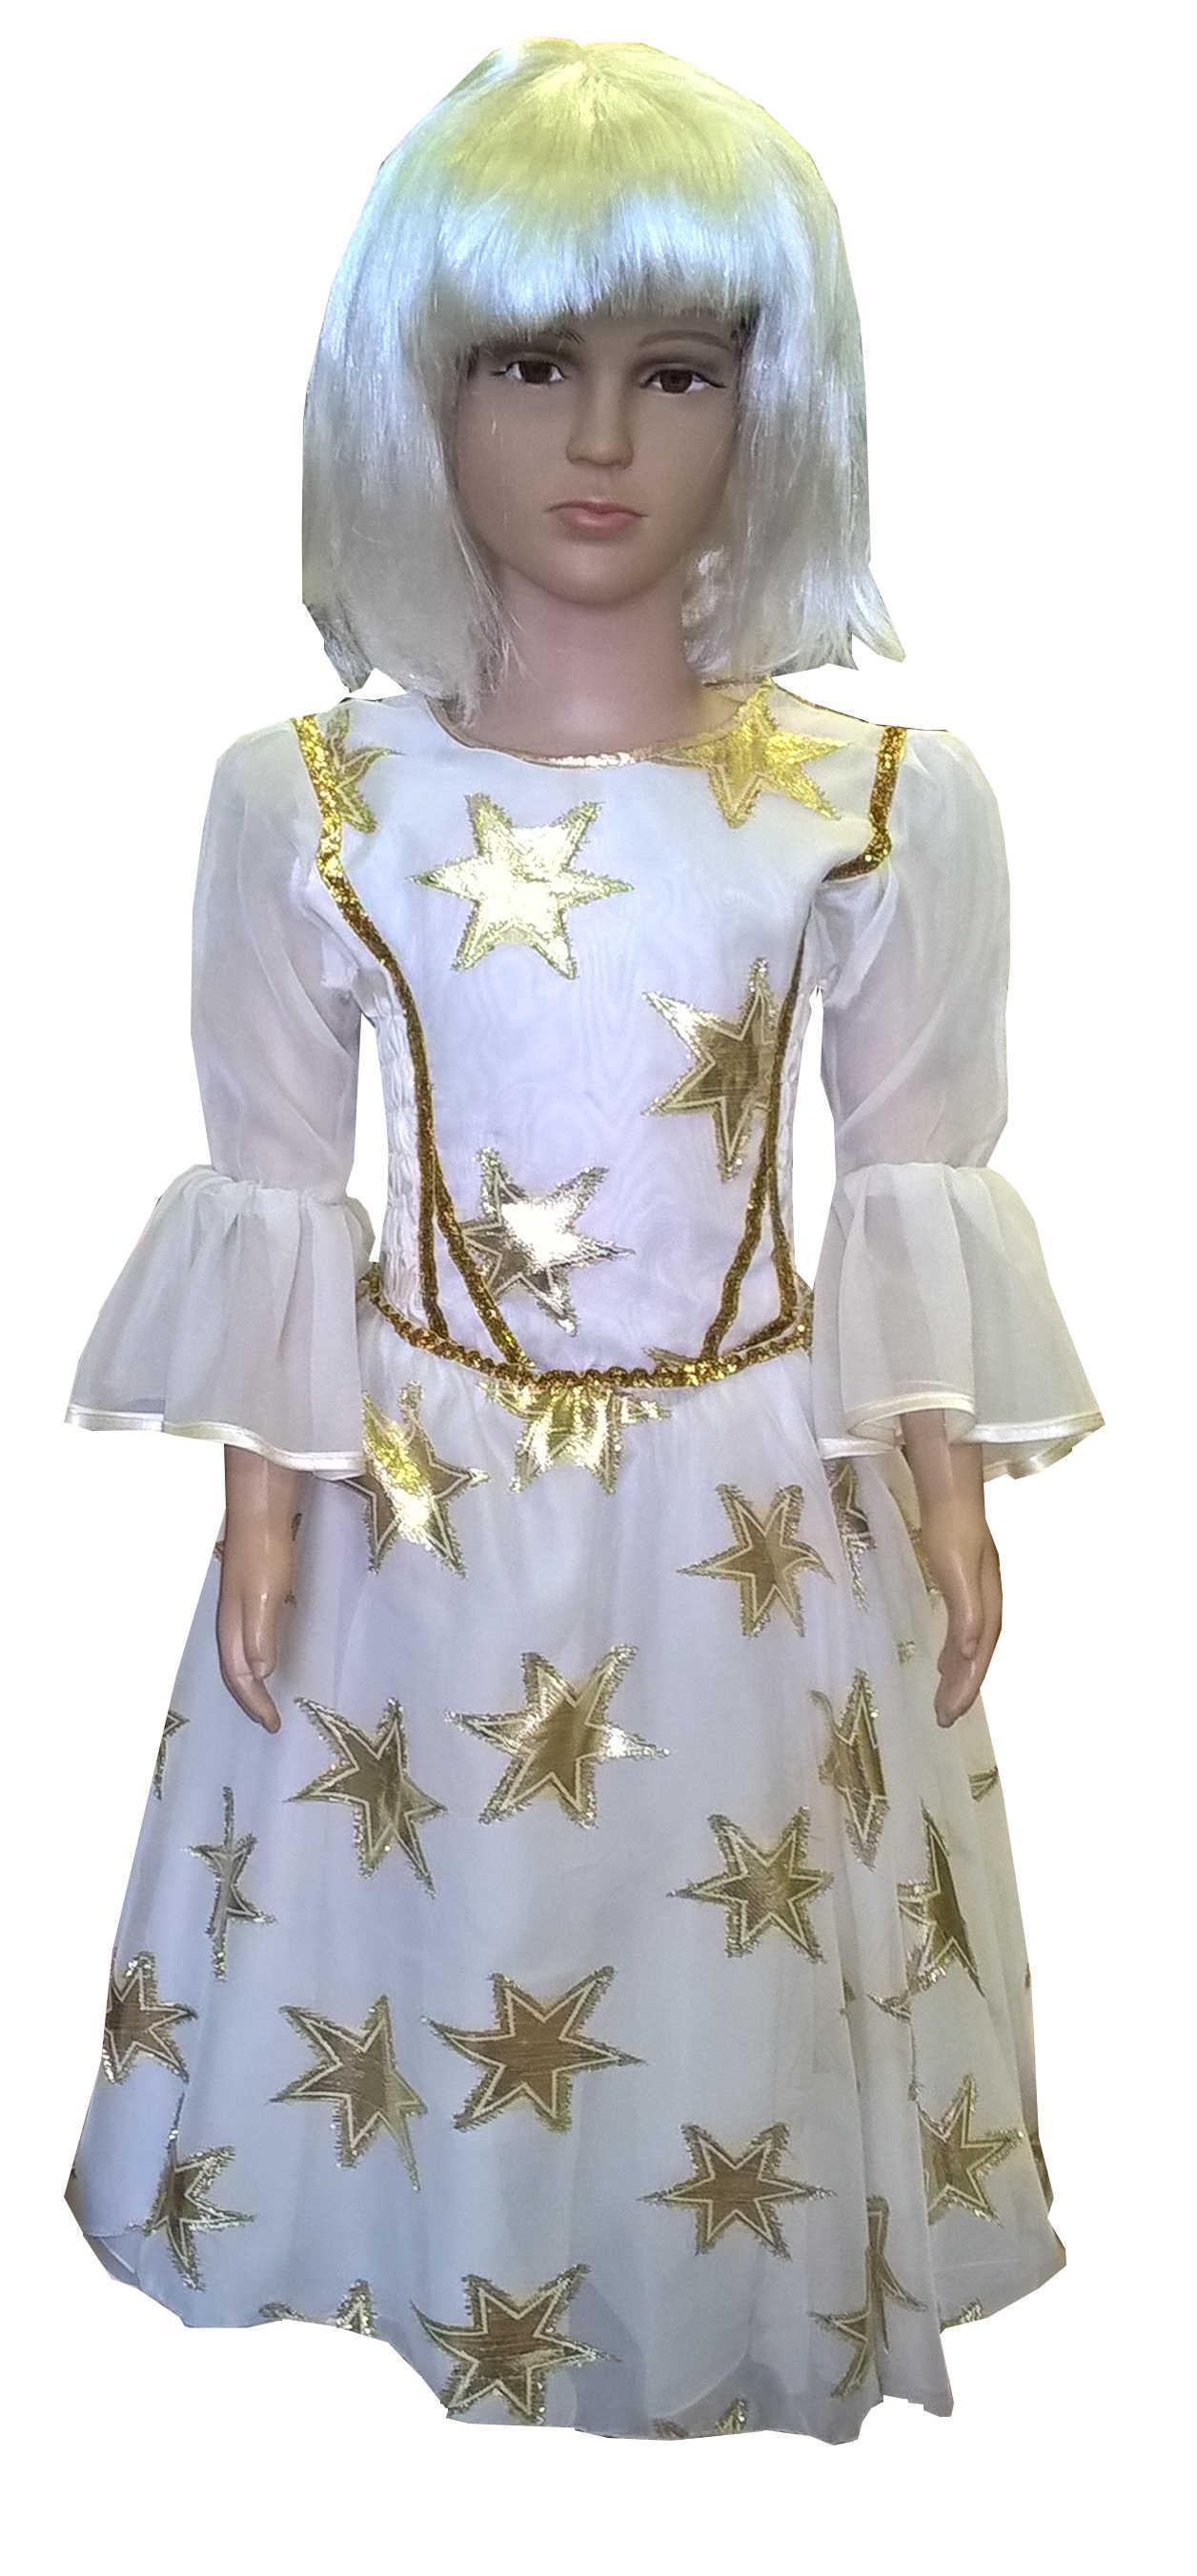 Žveigždės kostiumas. Karnavaliniu kostiumu nuoma vaikams Vilniuje - pasakunamai.lt